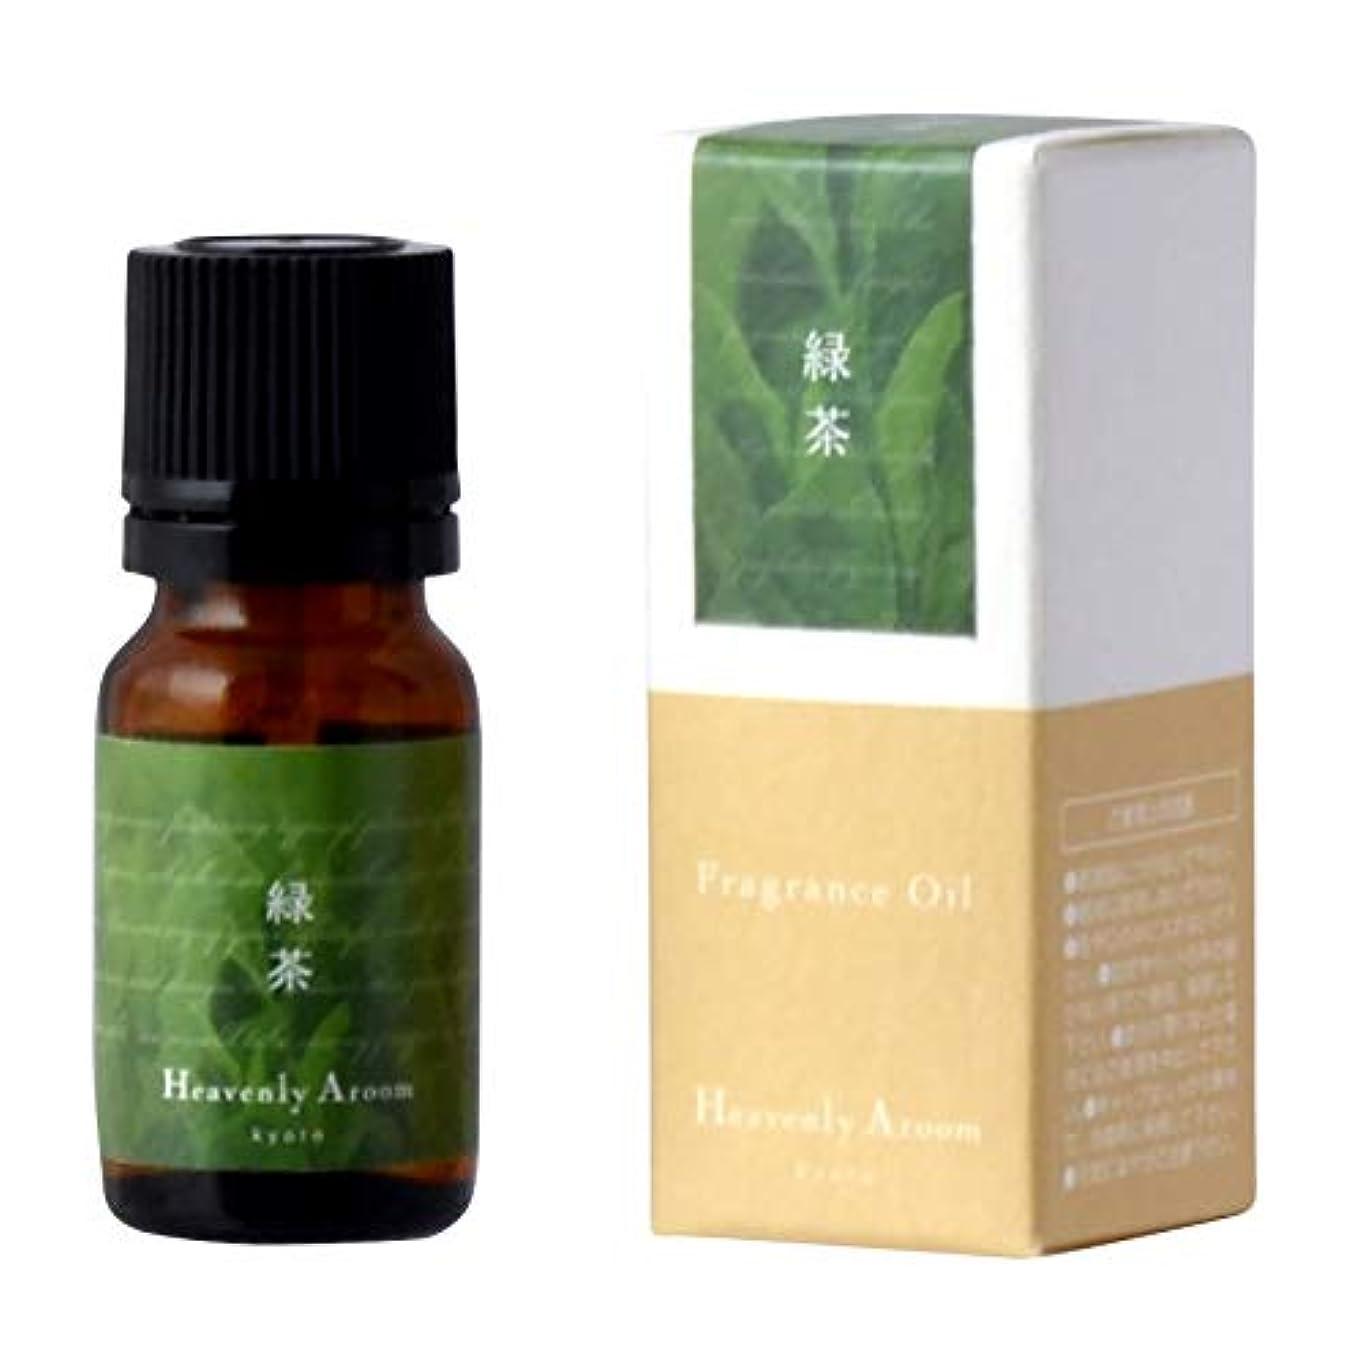 ギャップ爪一般的に言えばHeavenly Aroom フレグランスオイル 緑茶 10ml